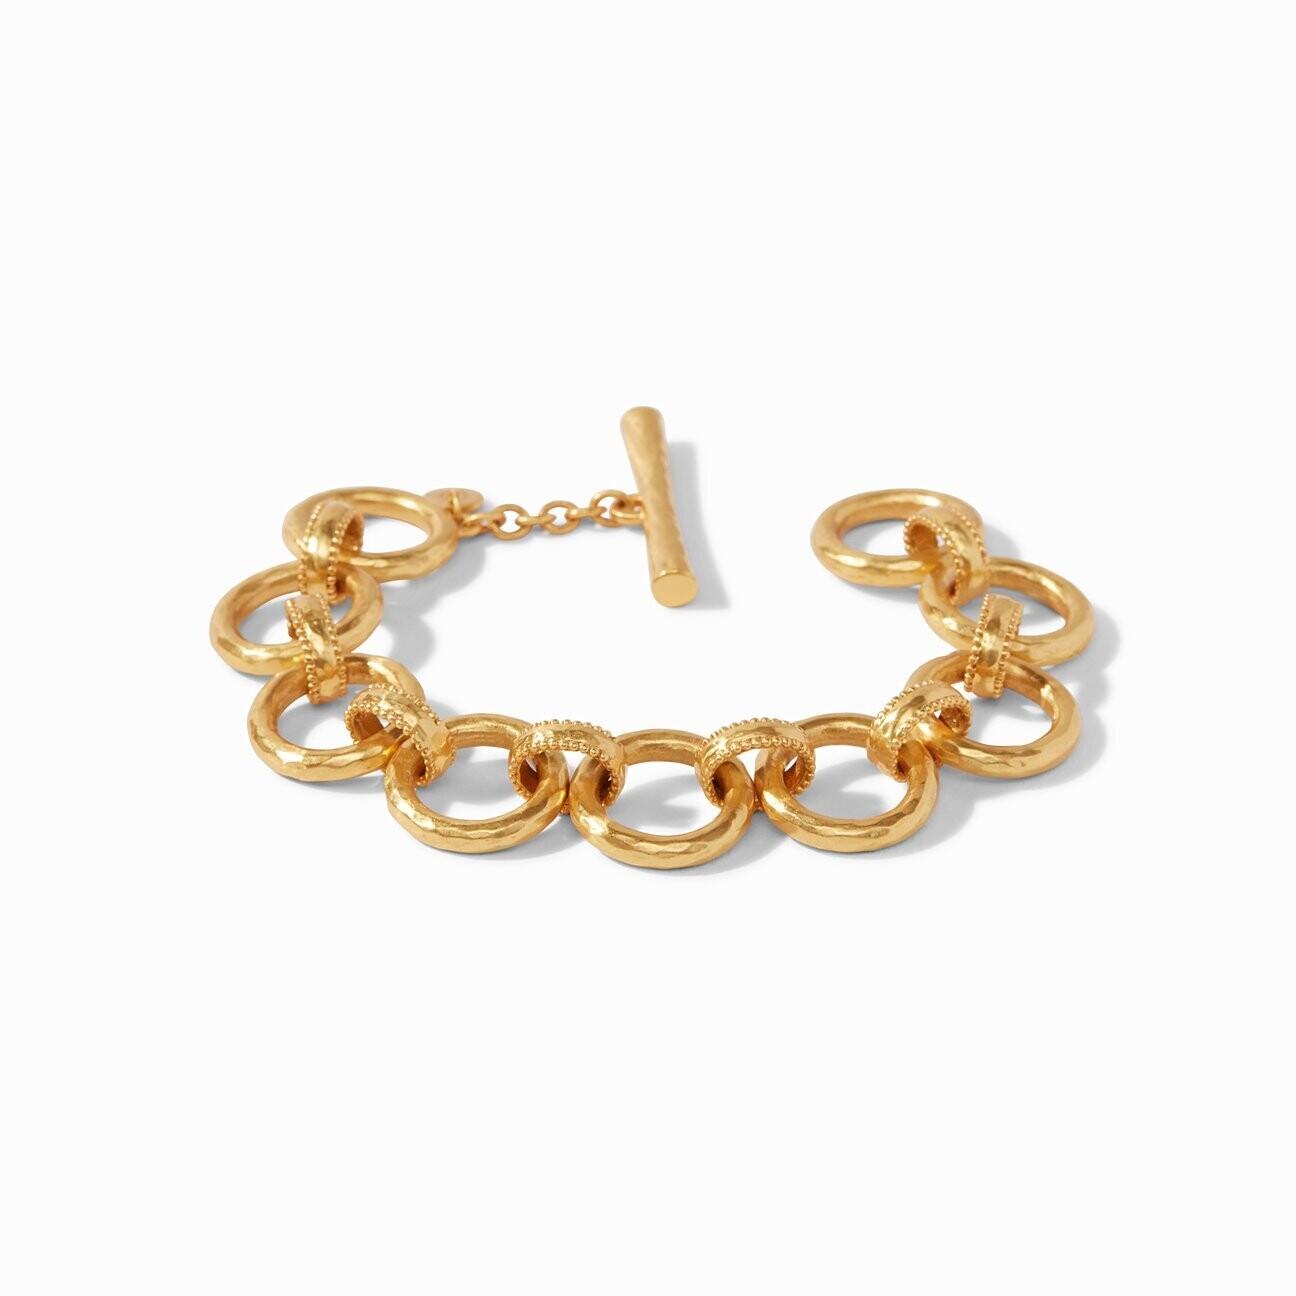 JULIE VOS Savoy Demi Link Bracelet